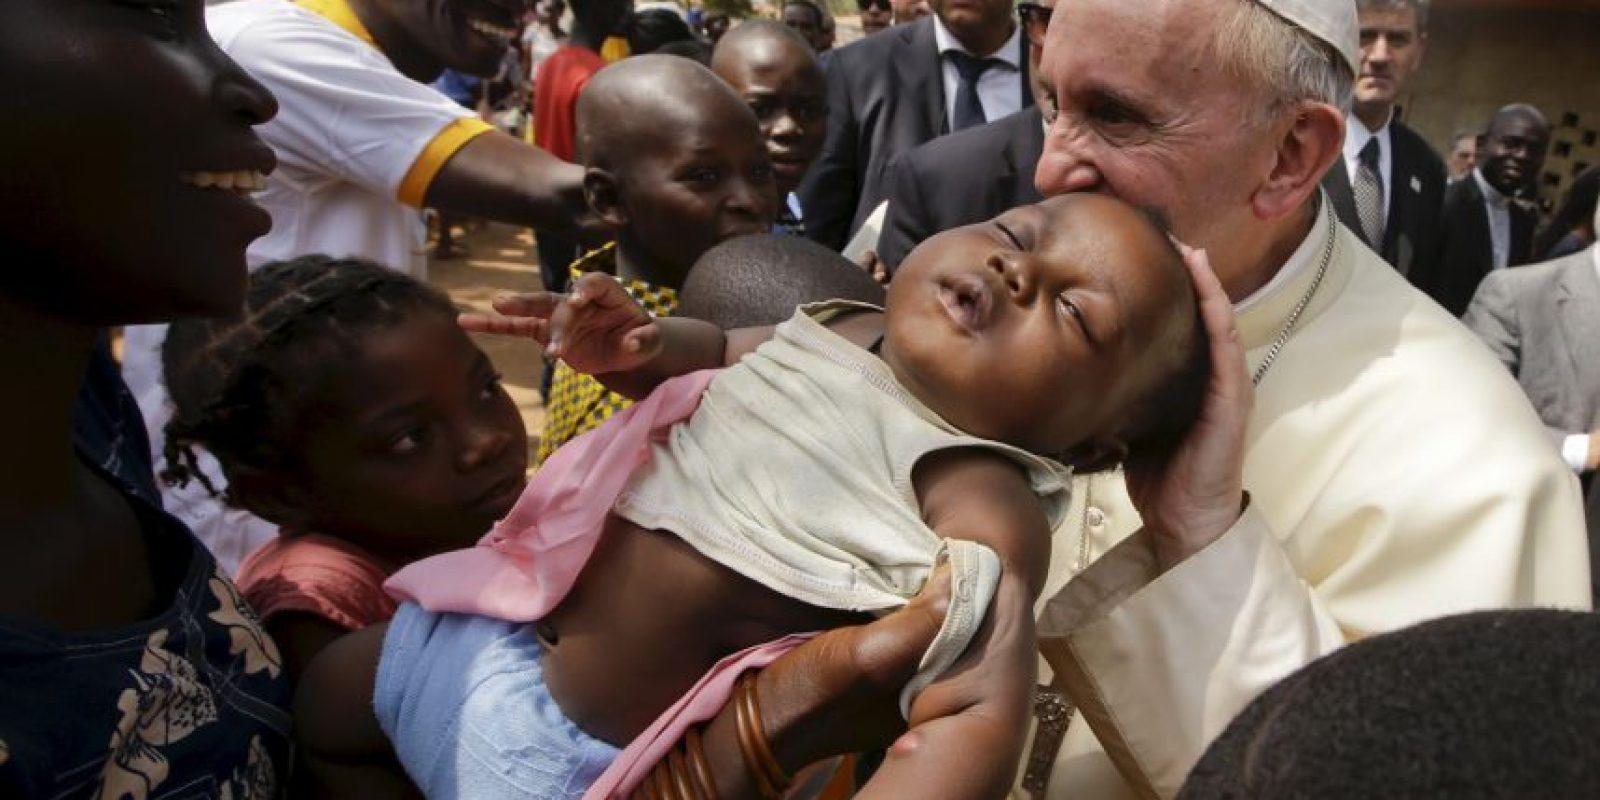 De los cuales el 50% son cristianos, 15% musulmanes y 35% tiene creencias religiosas indígenas Foto:AP